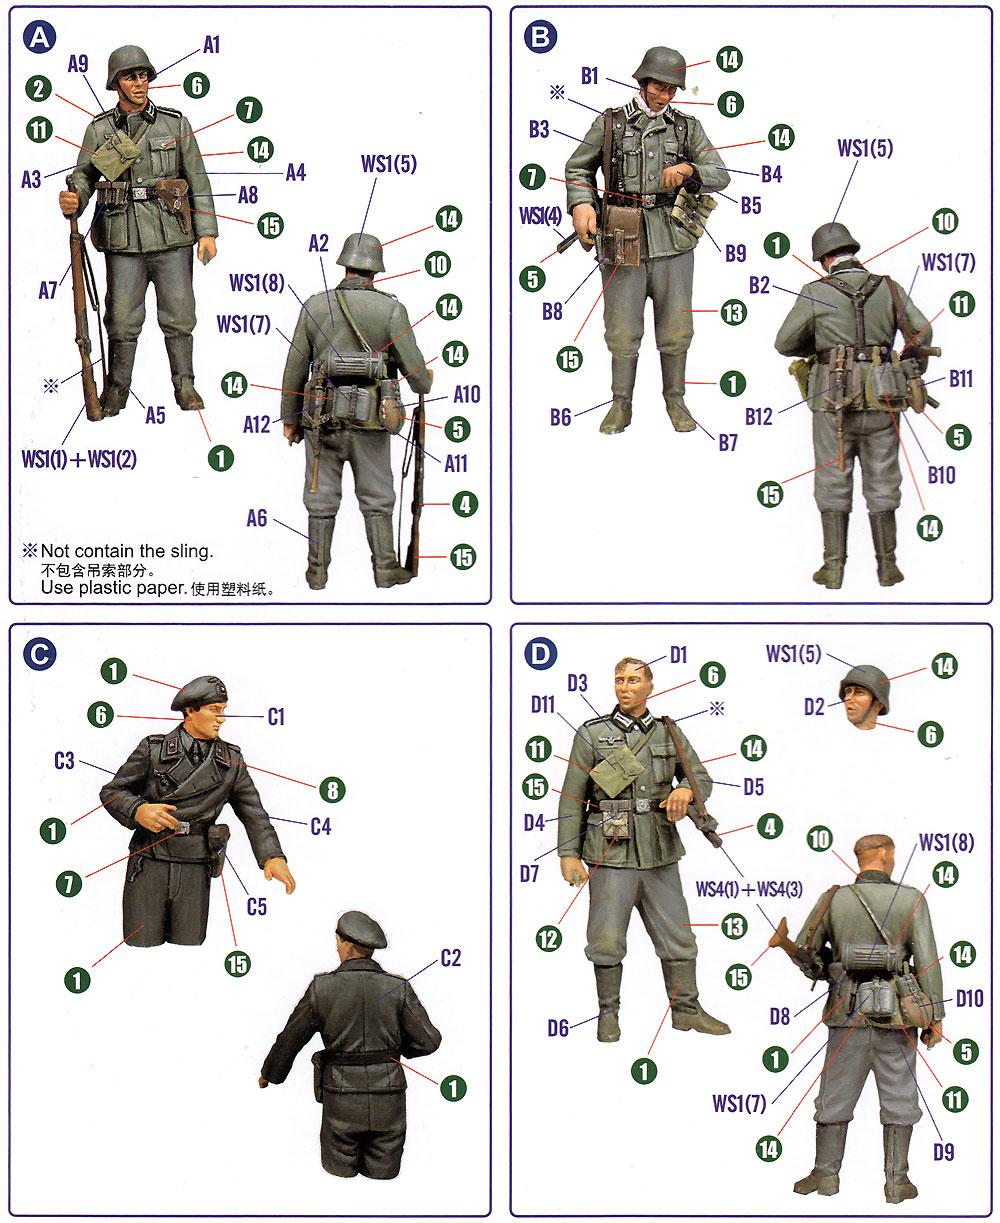 ドイツ歩兵セット Vol.1プラモデル(ホビーボス1/35 ファイティングビークル シリーズNo.84413)商品画像_1